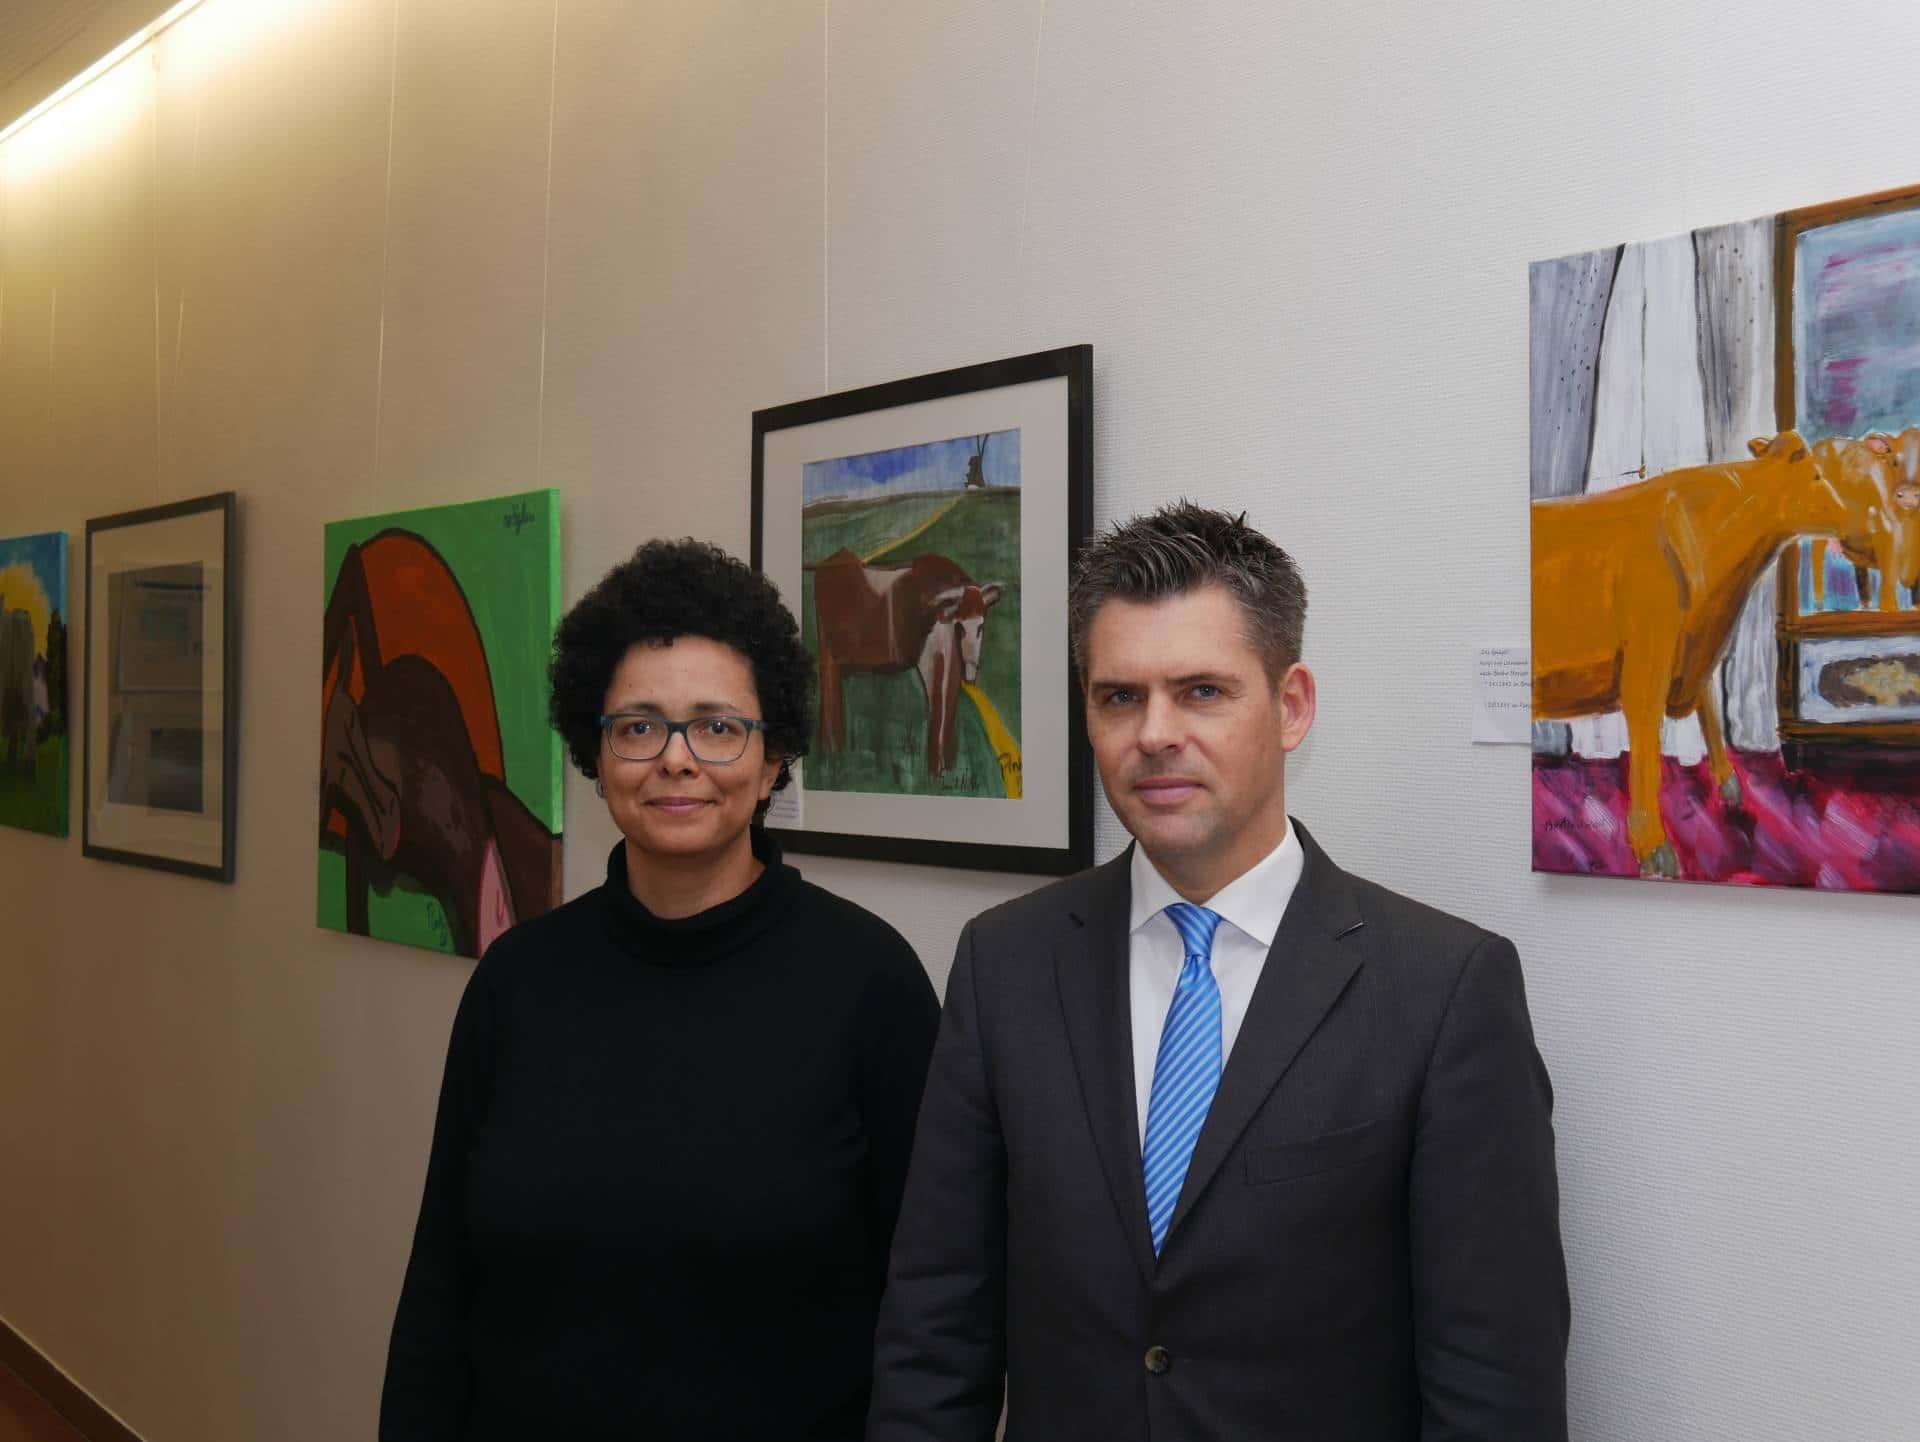 Christophorus-Kliniken laden zur Ausstellung nach Coesfeld mit Kuhbildern ein